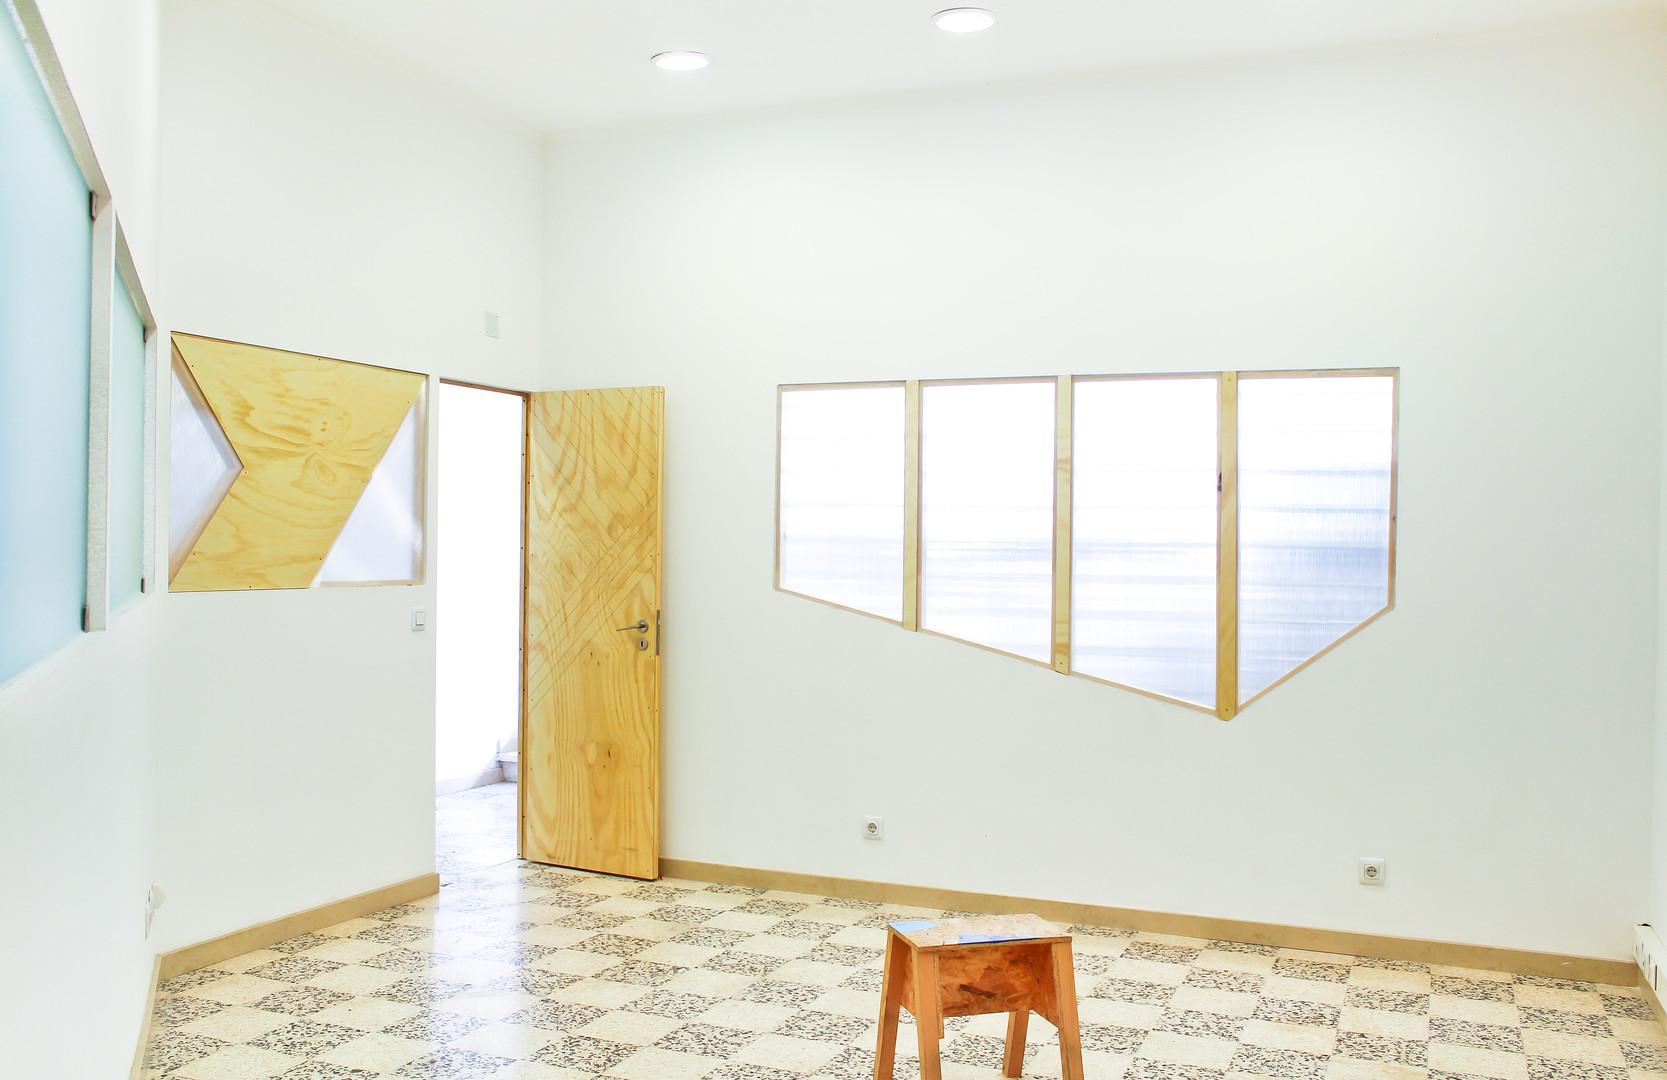 Ateliers da Penha -7.jpg